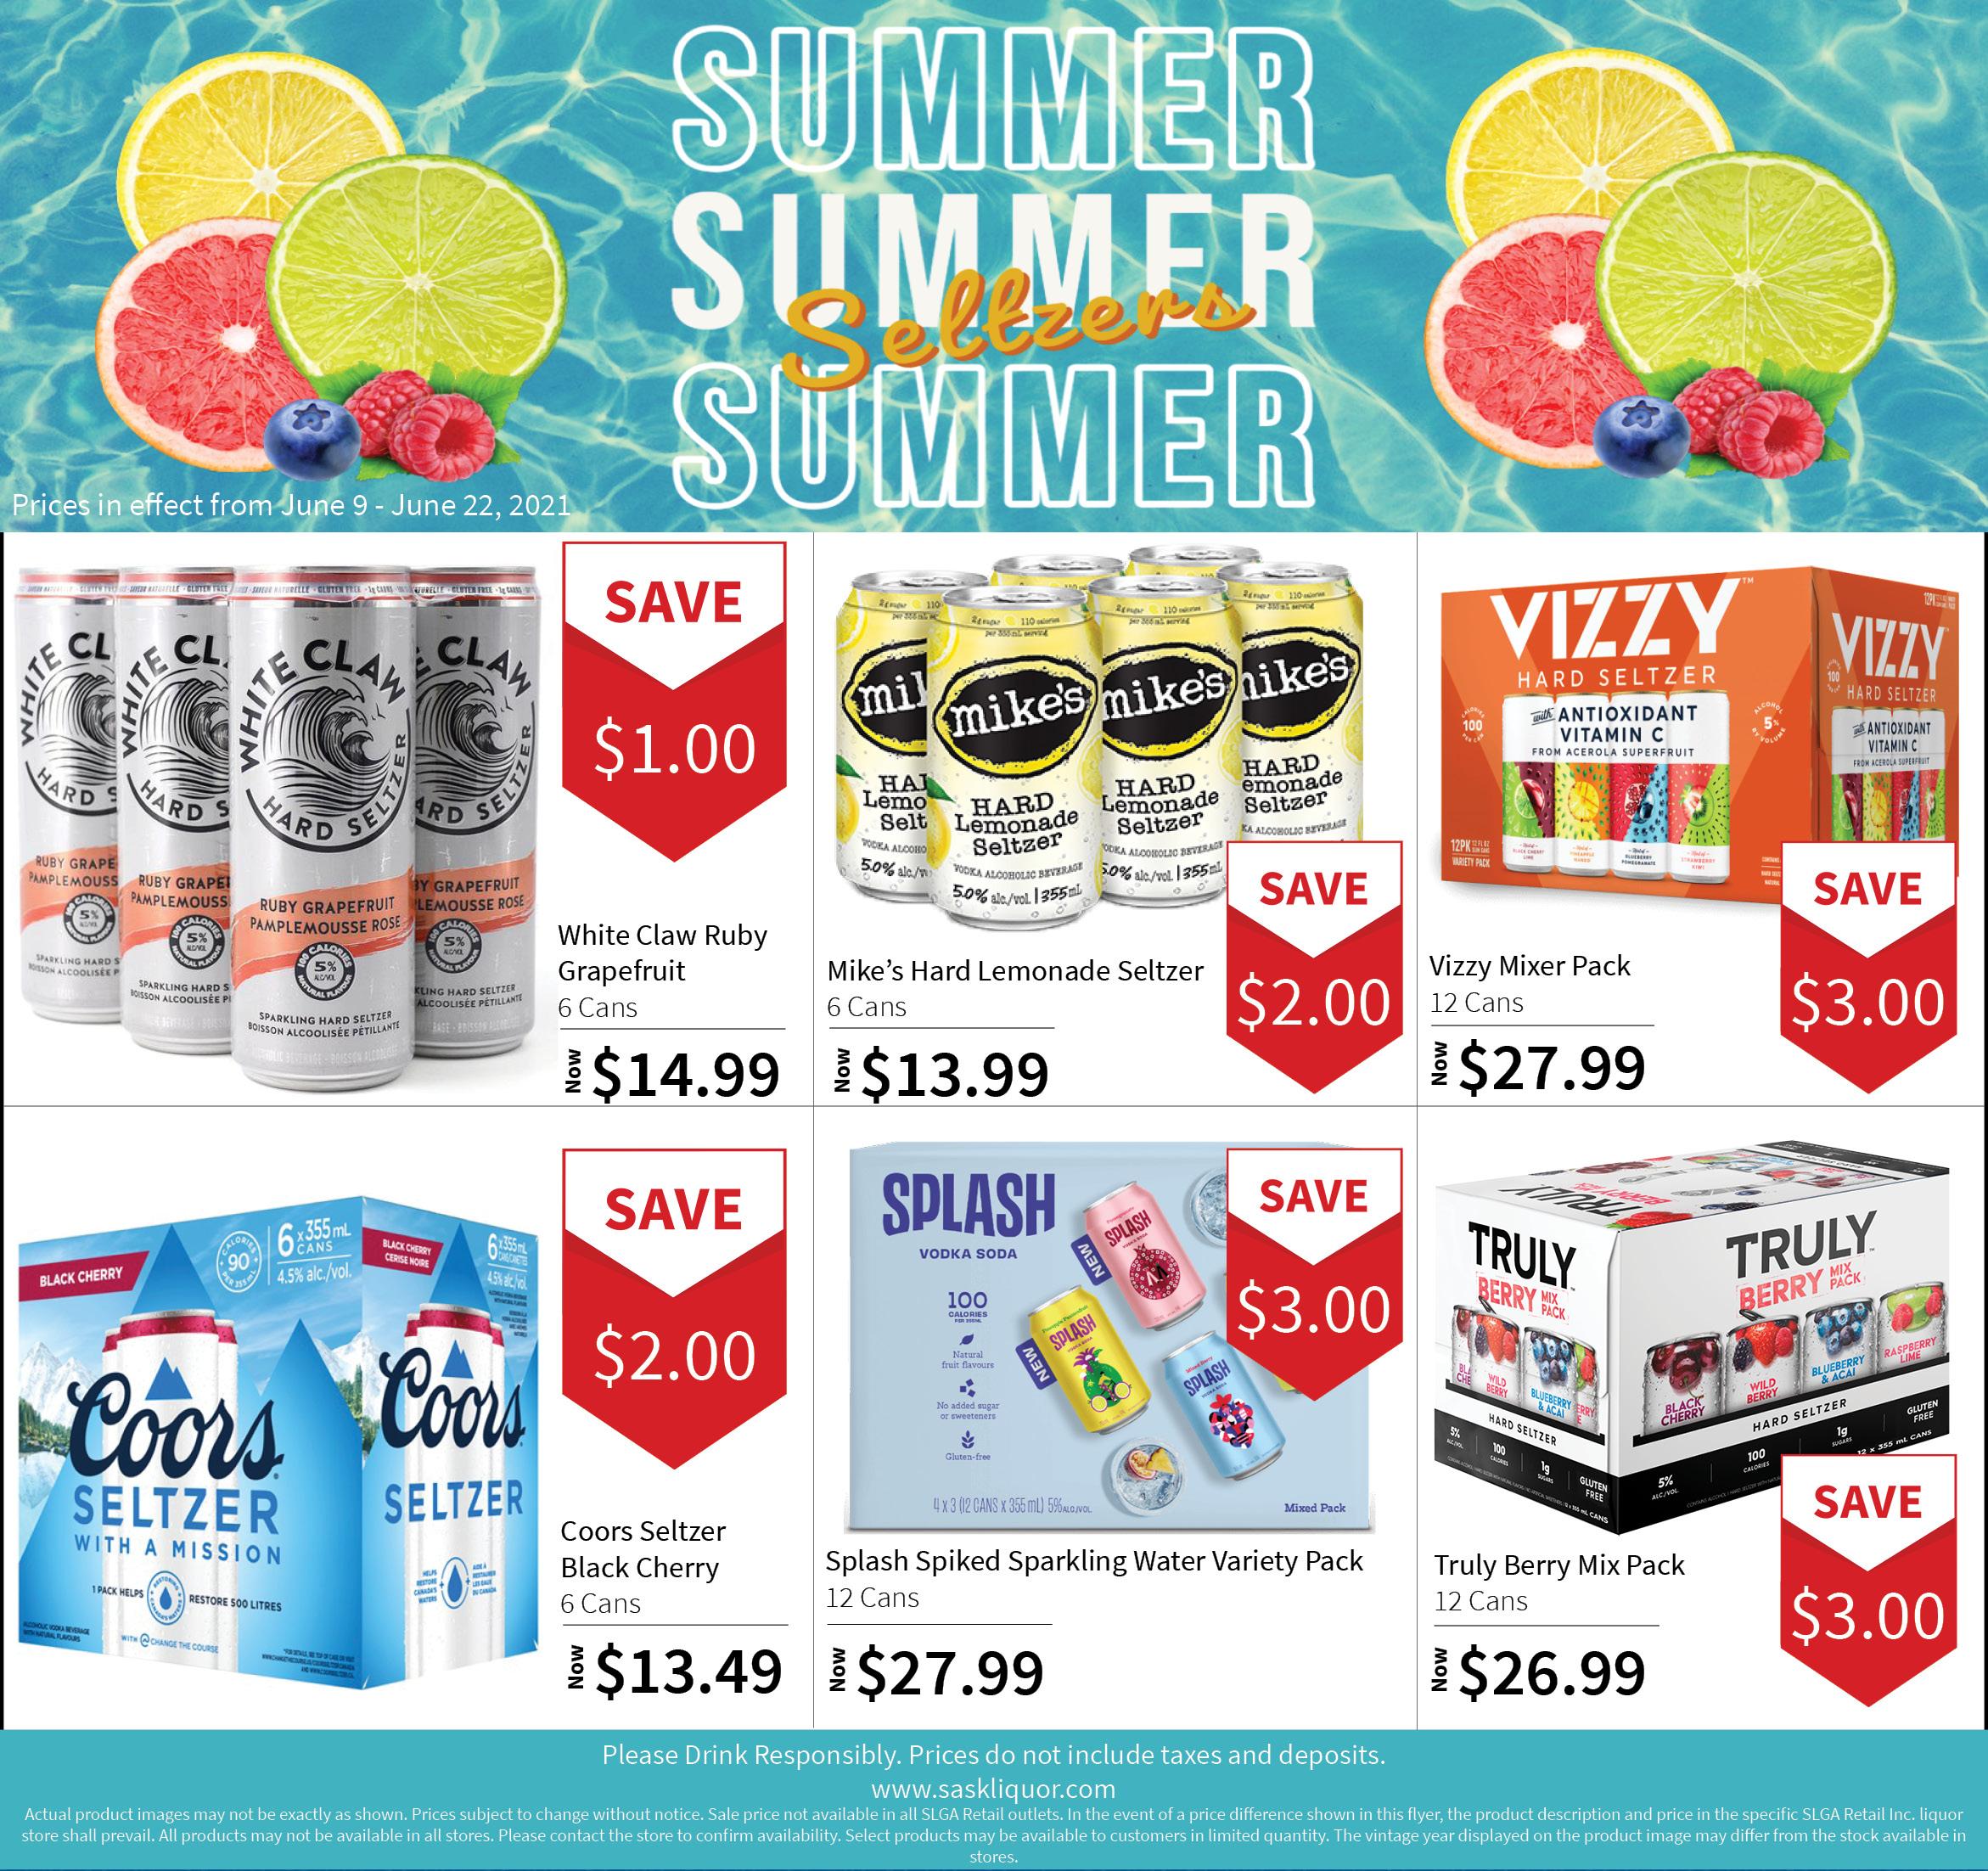 Summer Seltzer